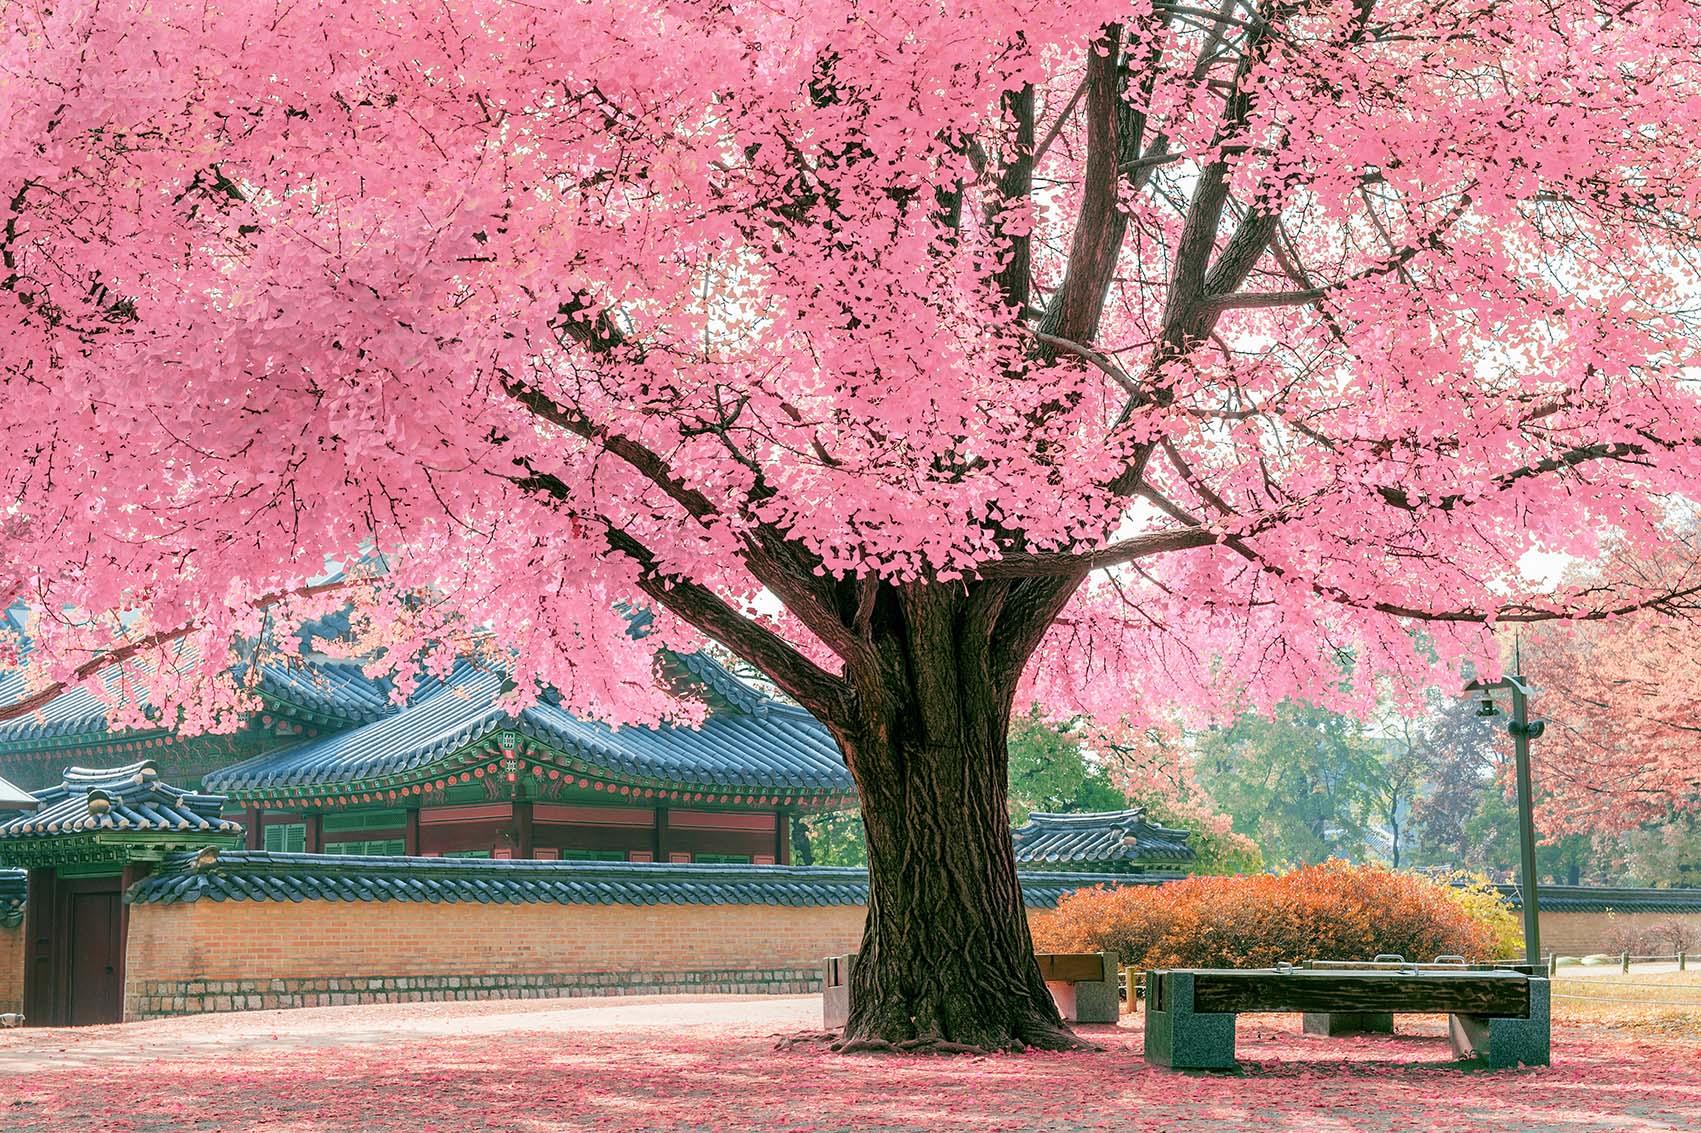 Cảnh đẹp thiên nhiên cây anh đào nở hoa rất đẹp